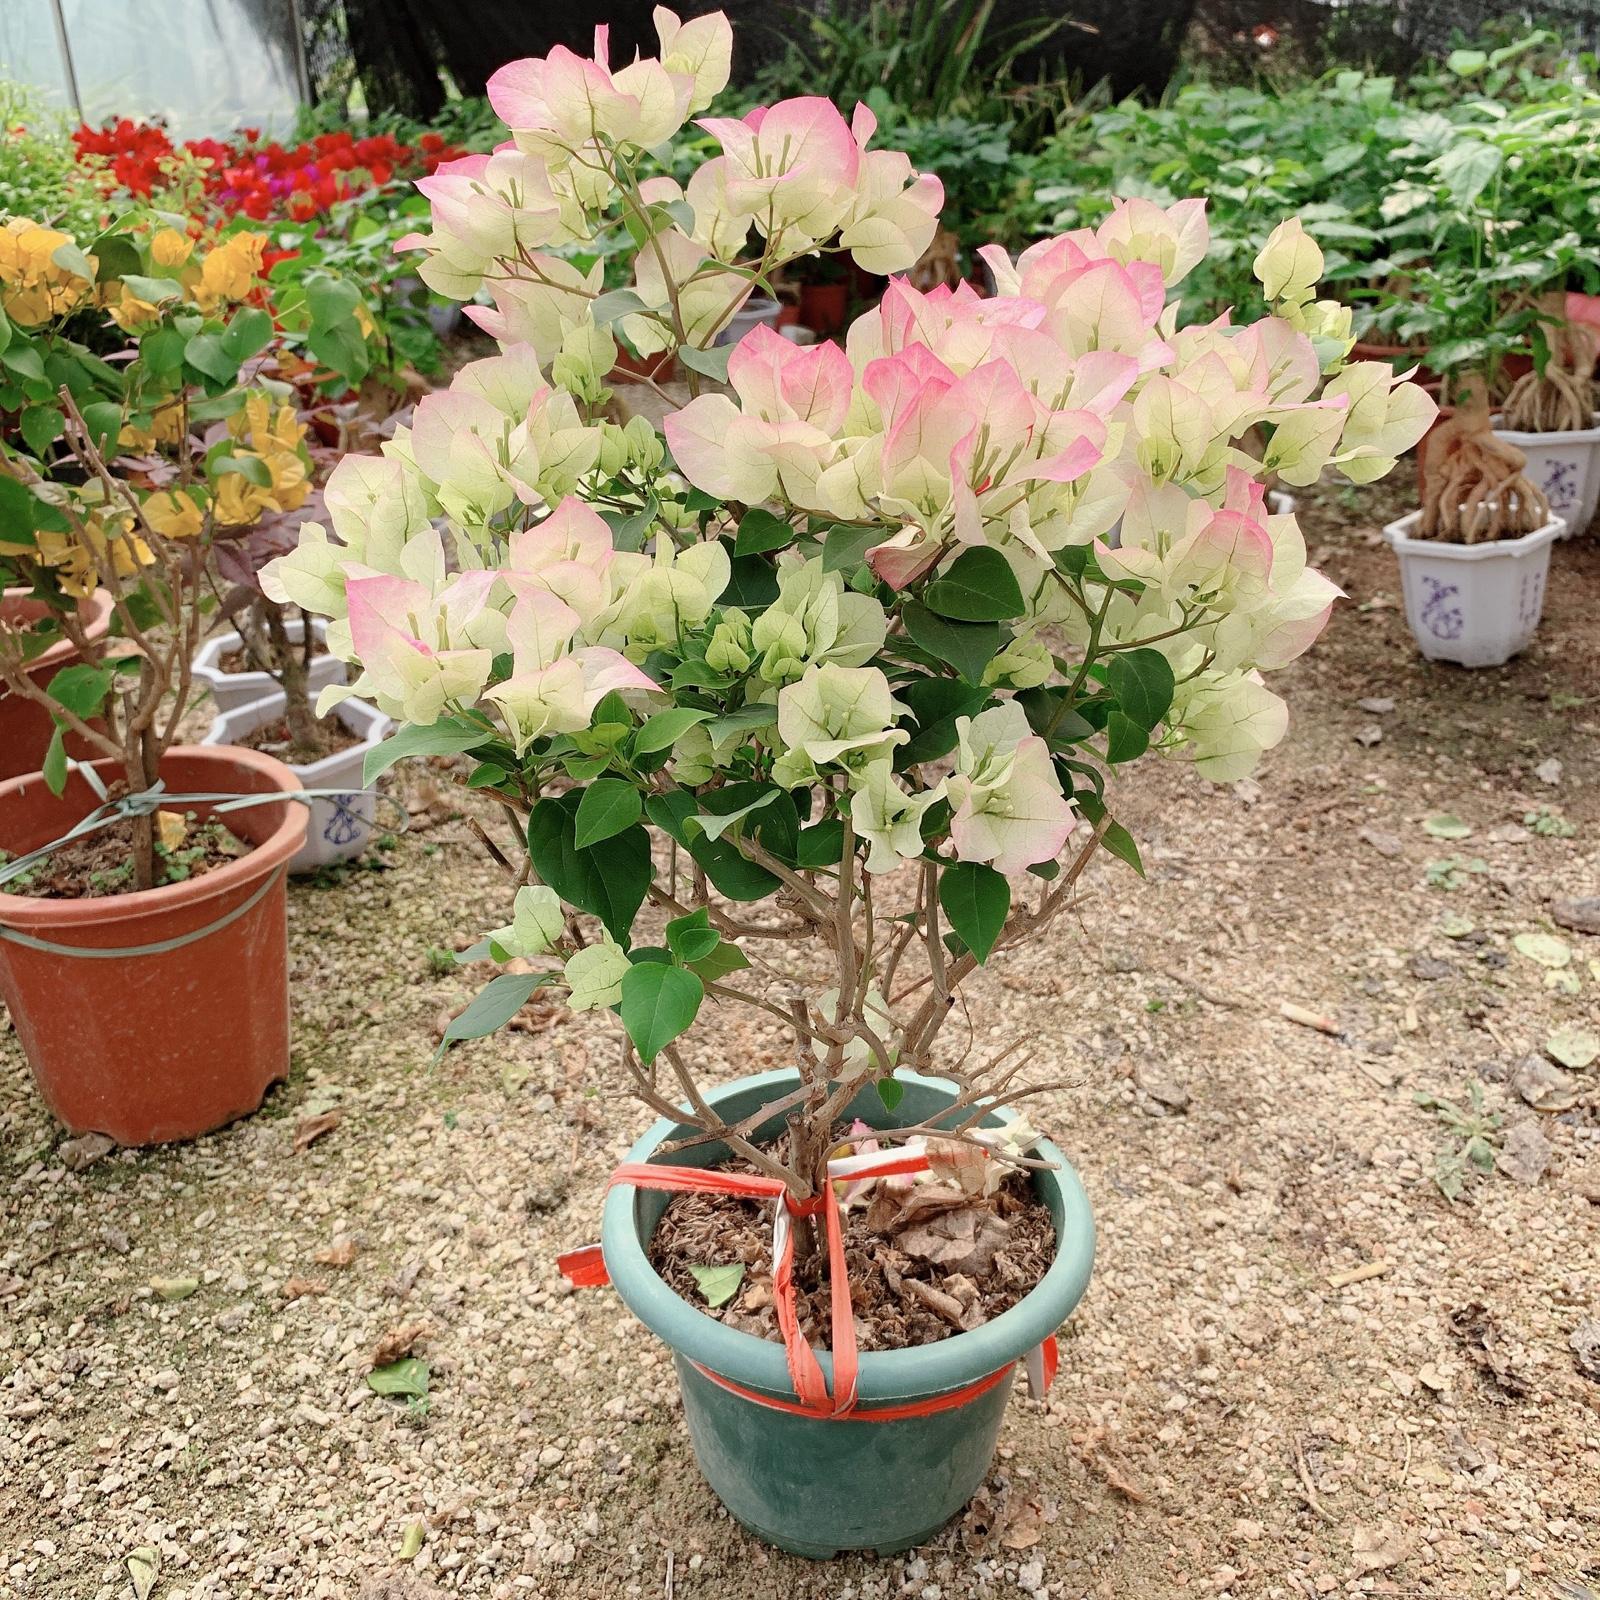 三角梅带花室内外盆栽老桩防辐射四季开花爬藤植物花绿樱花卉植物